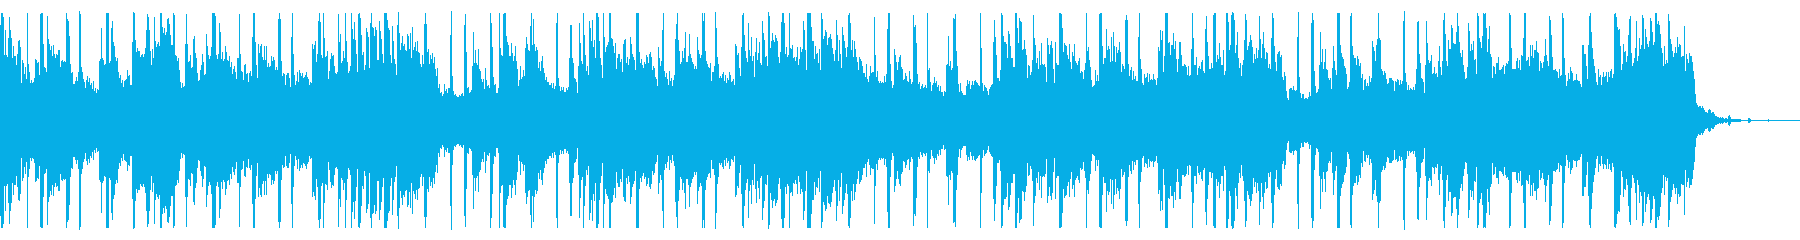 大人なR&B_No638_5の再生済みの波形